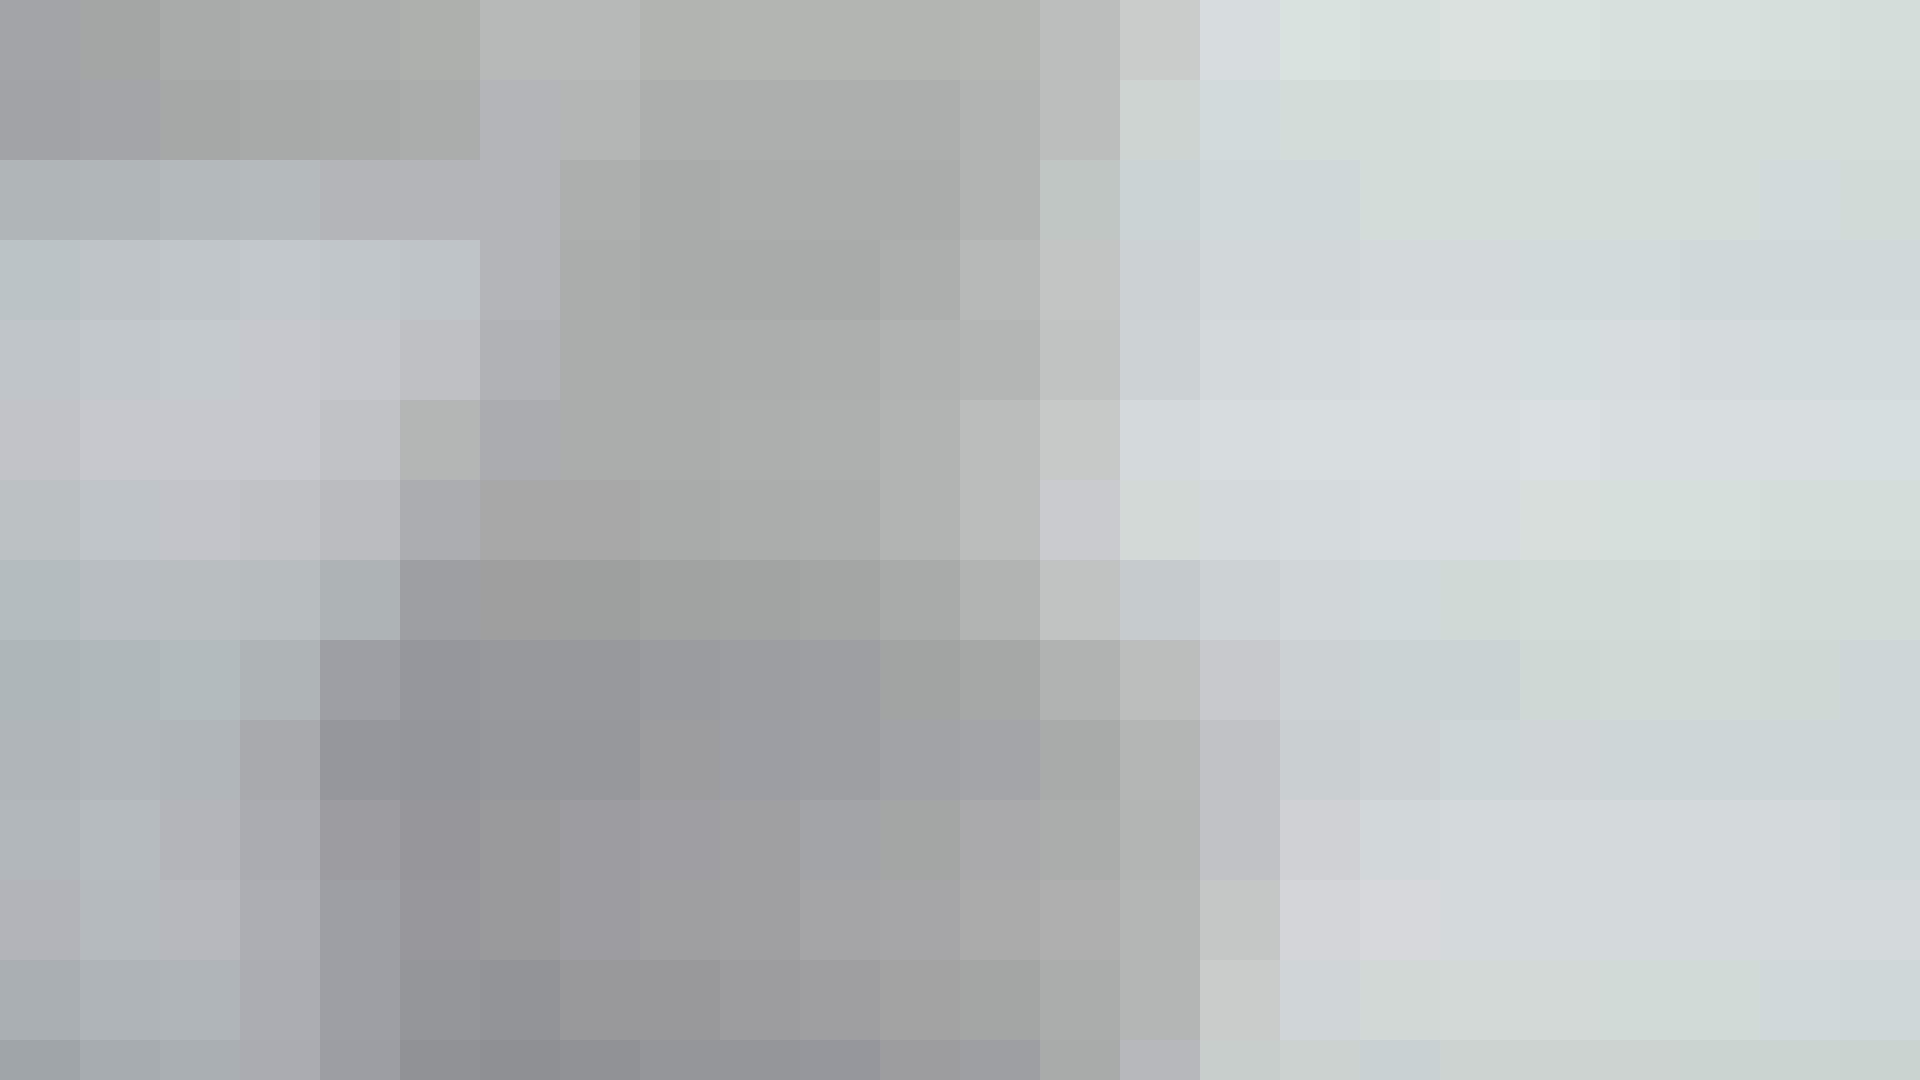 世界の射窓から vol.37 ギャル達 オメコ動画キャプチャ 101枚 92